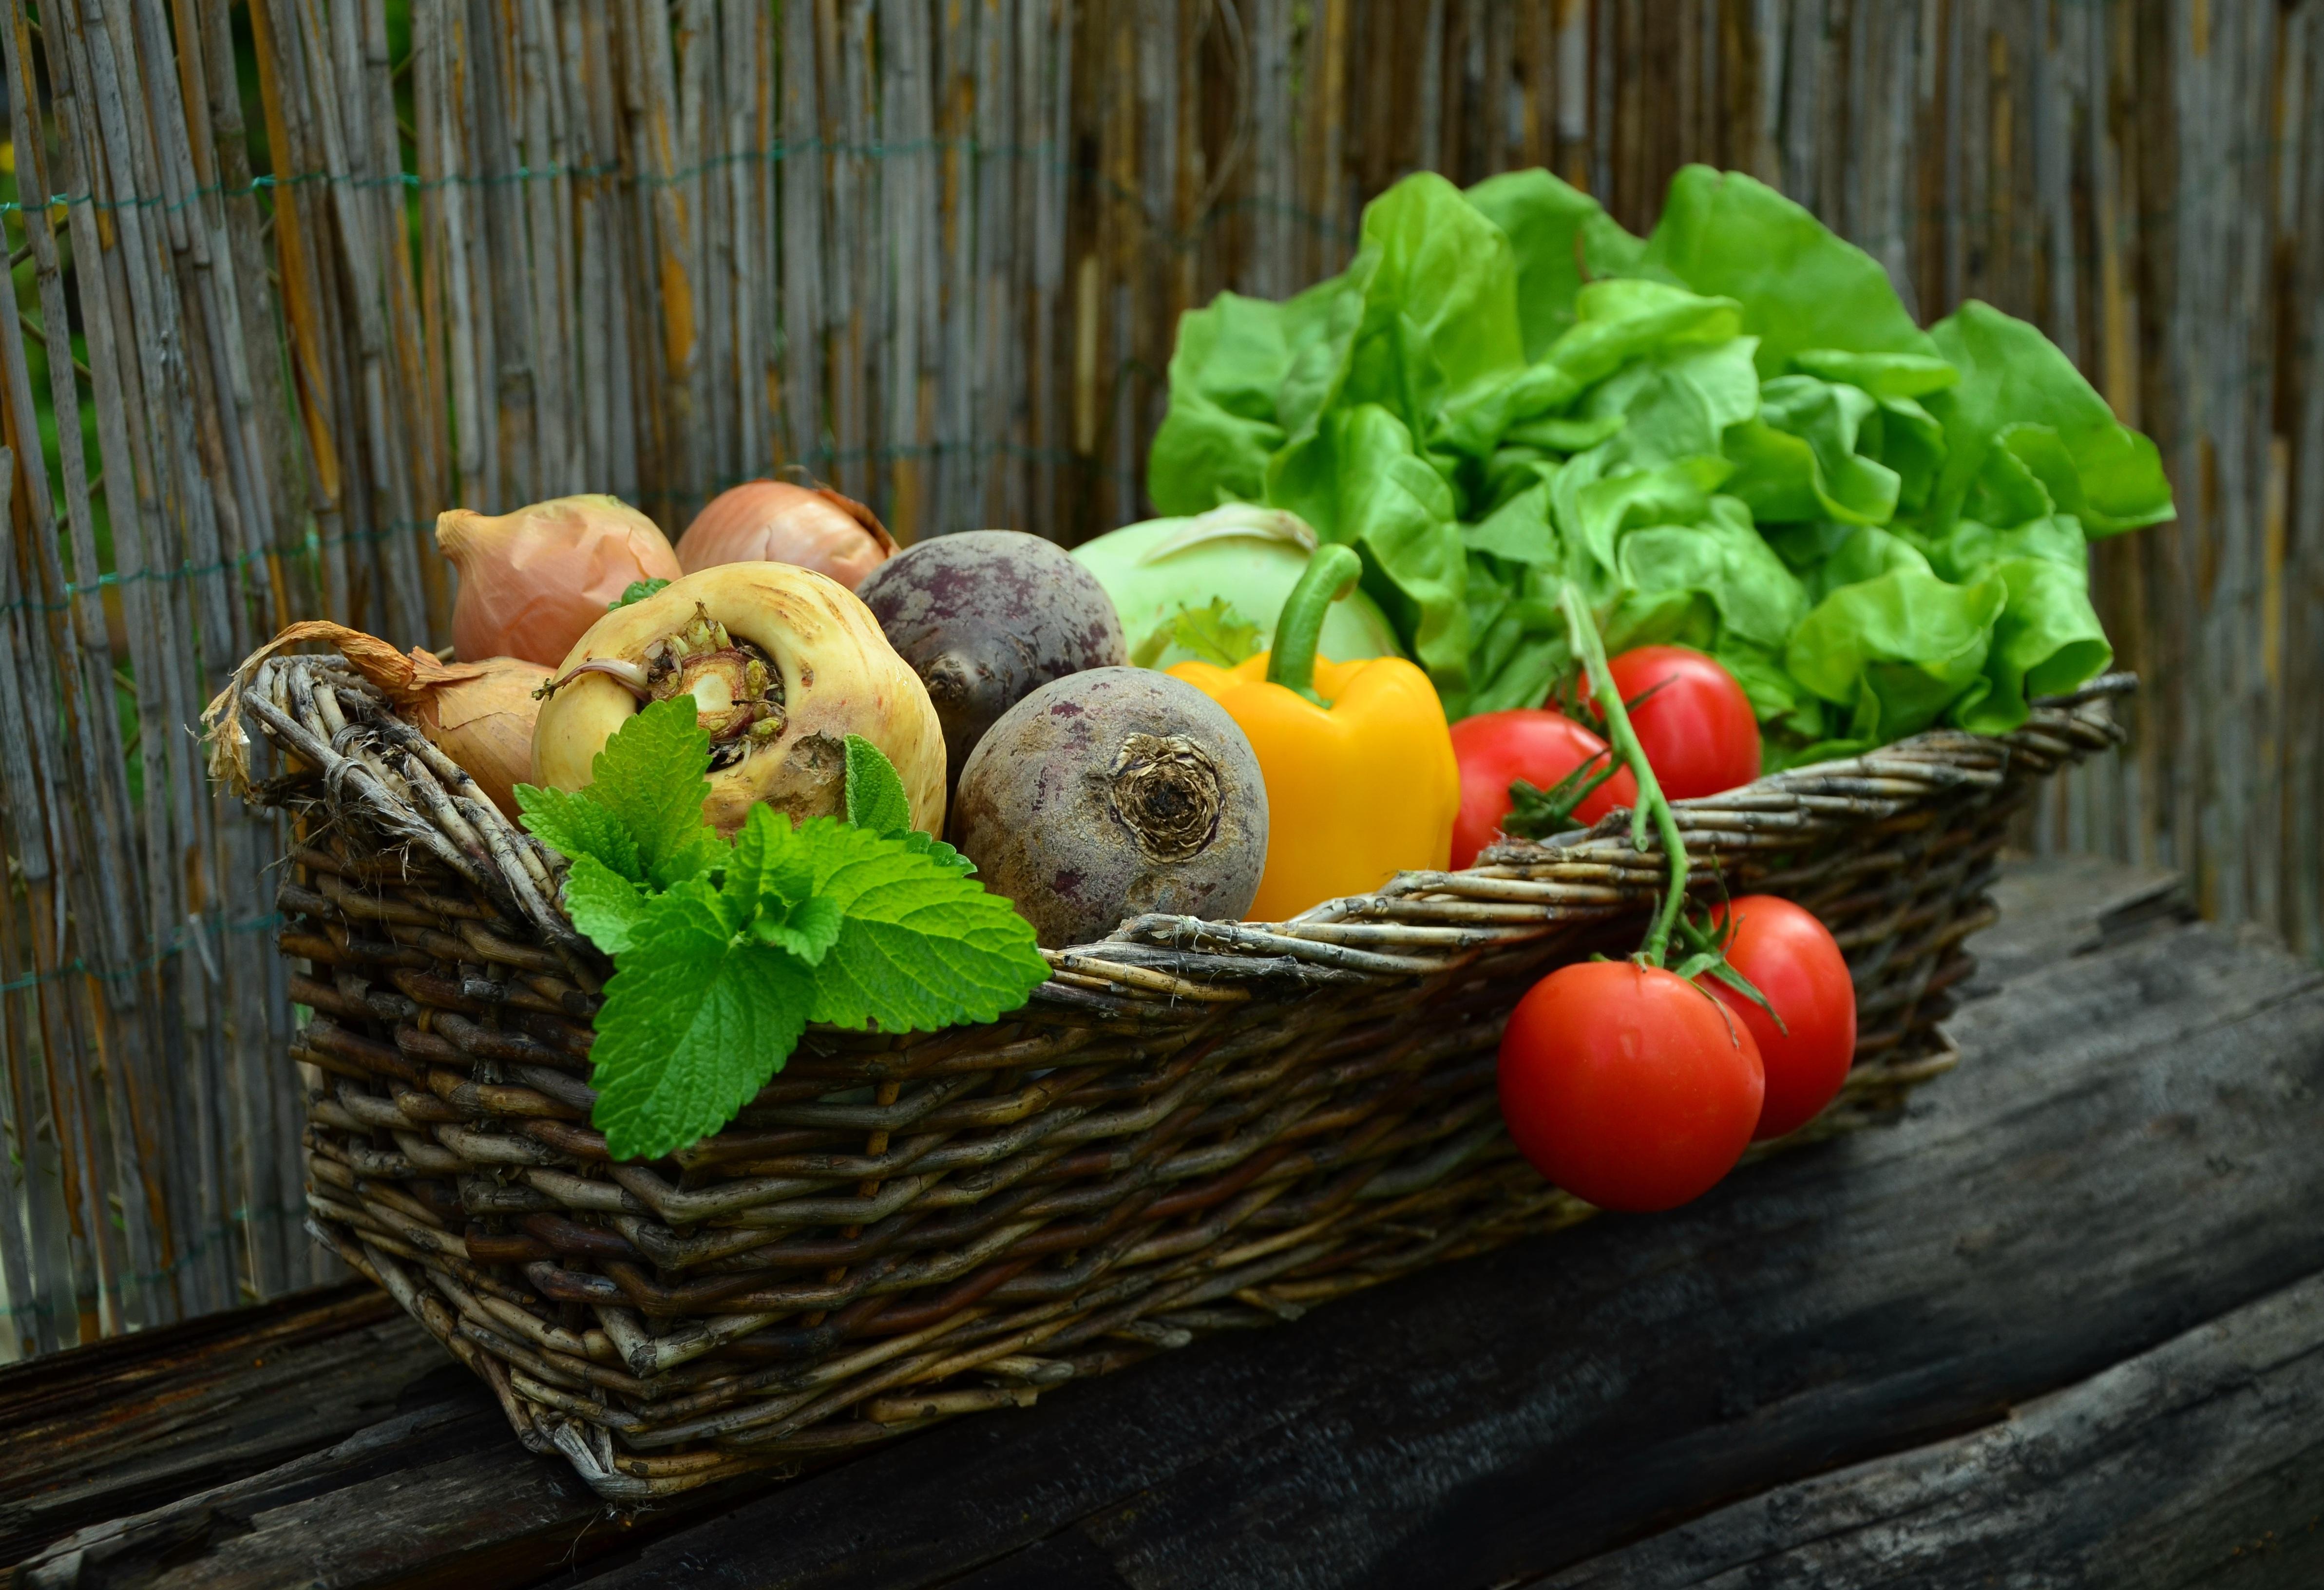 Mẹ bầu ăn rau củ vào buổi tối sẽ được cung cấp nhiều vitamin, chất xơ và chất chống oxy hóa